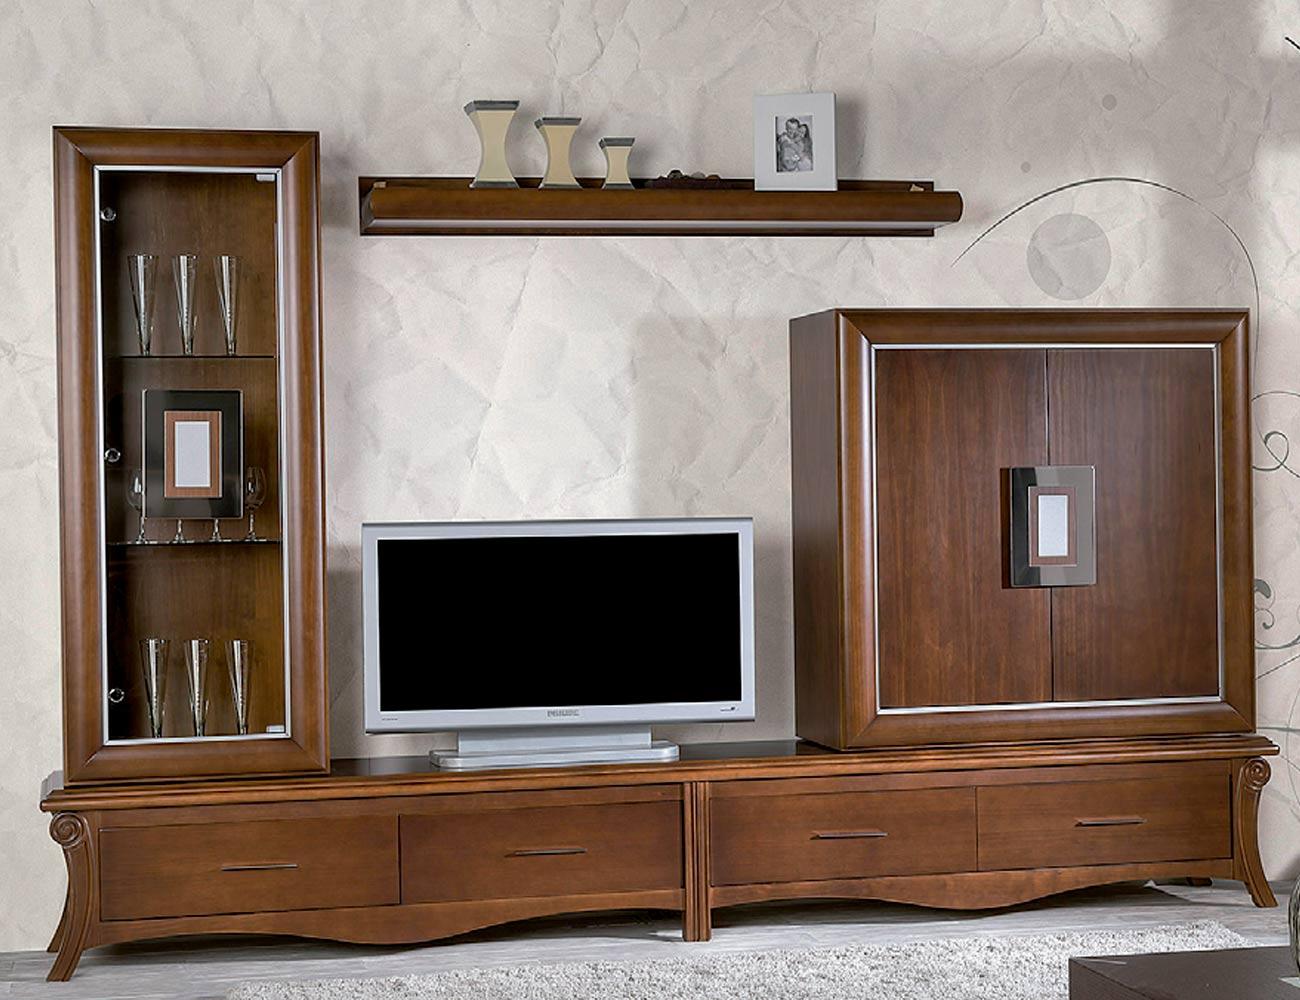 Mueble salon neoclasico color 150